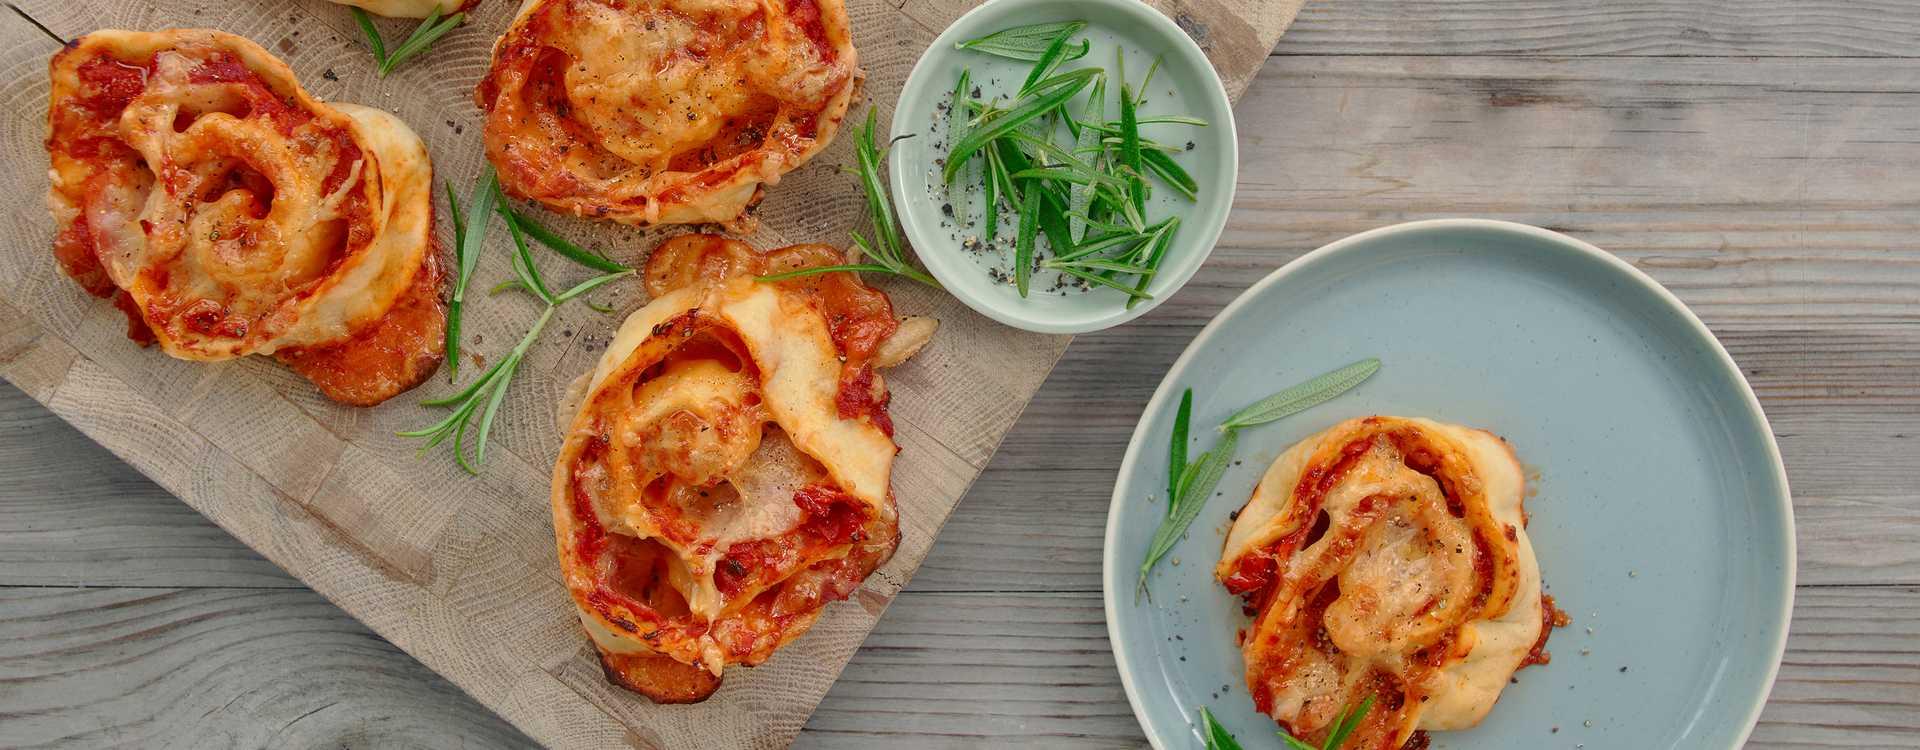 Pizzasnurrer med skinke og gulrot